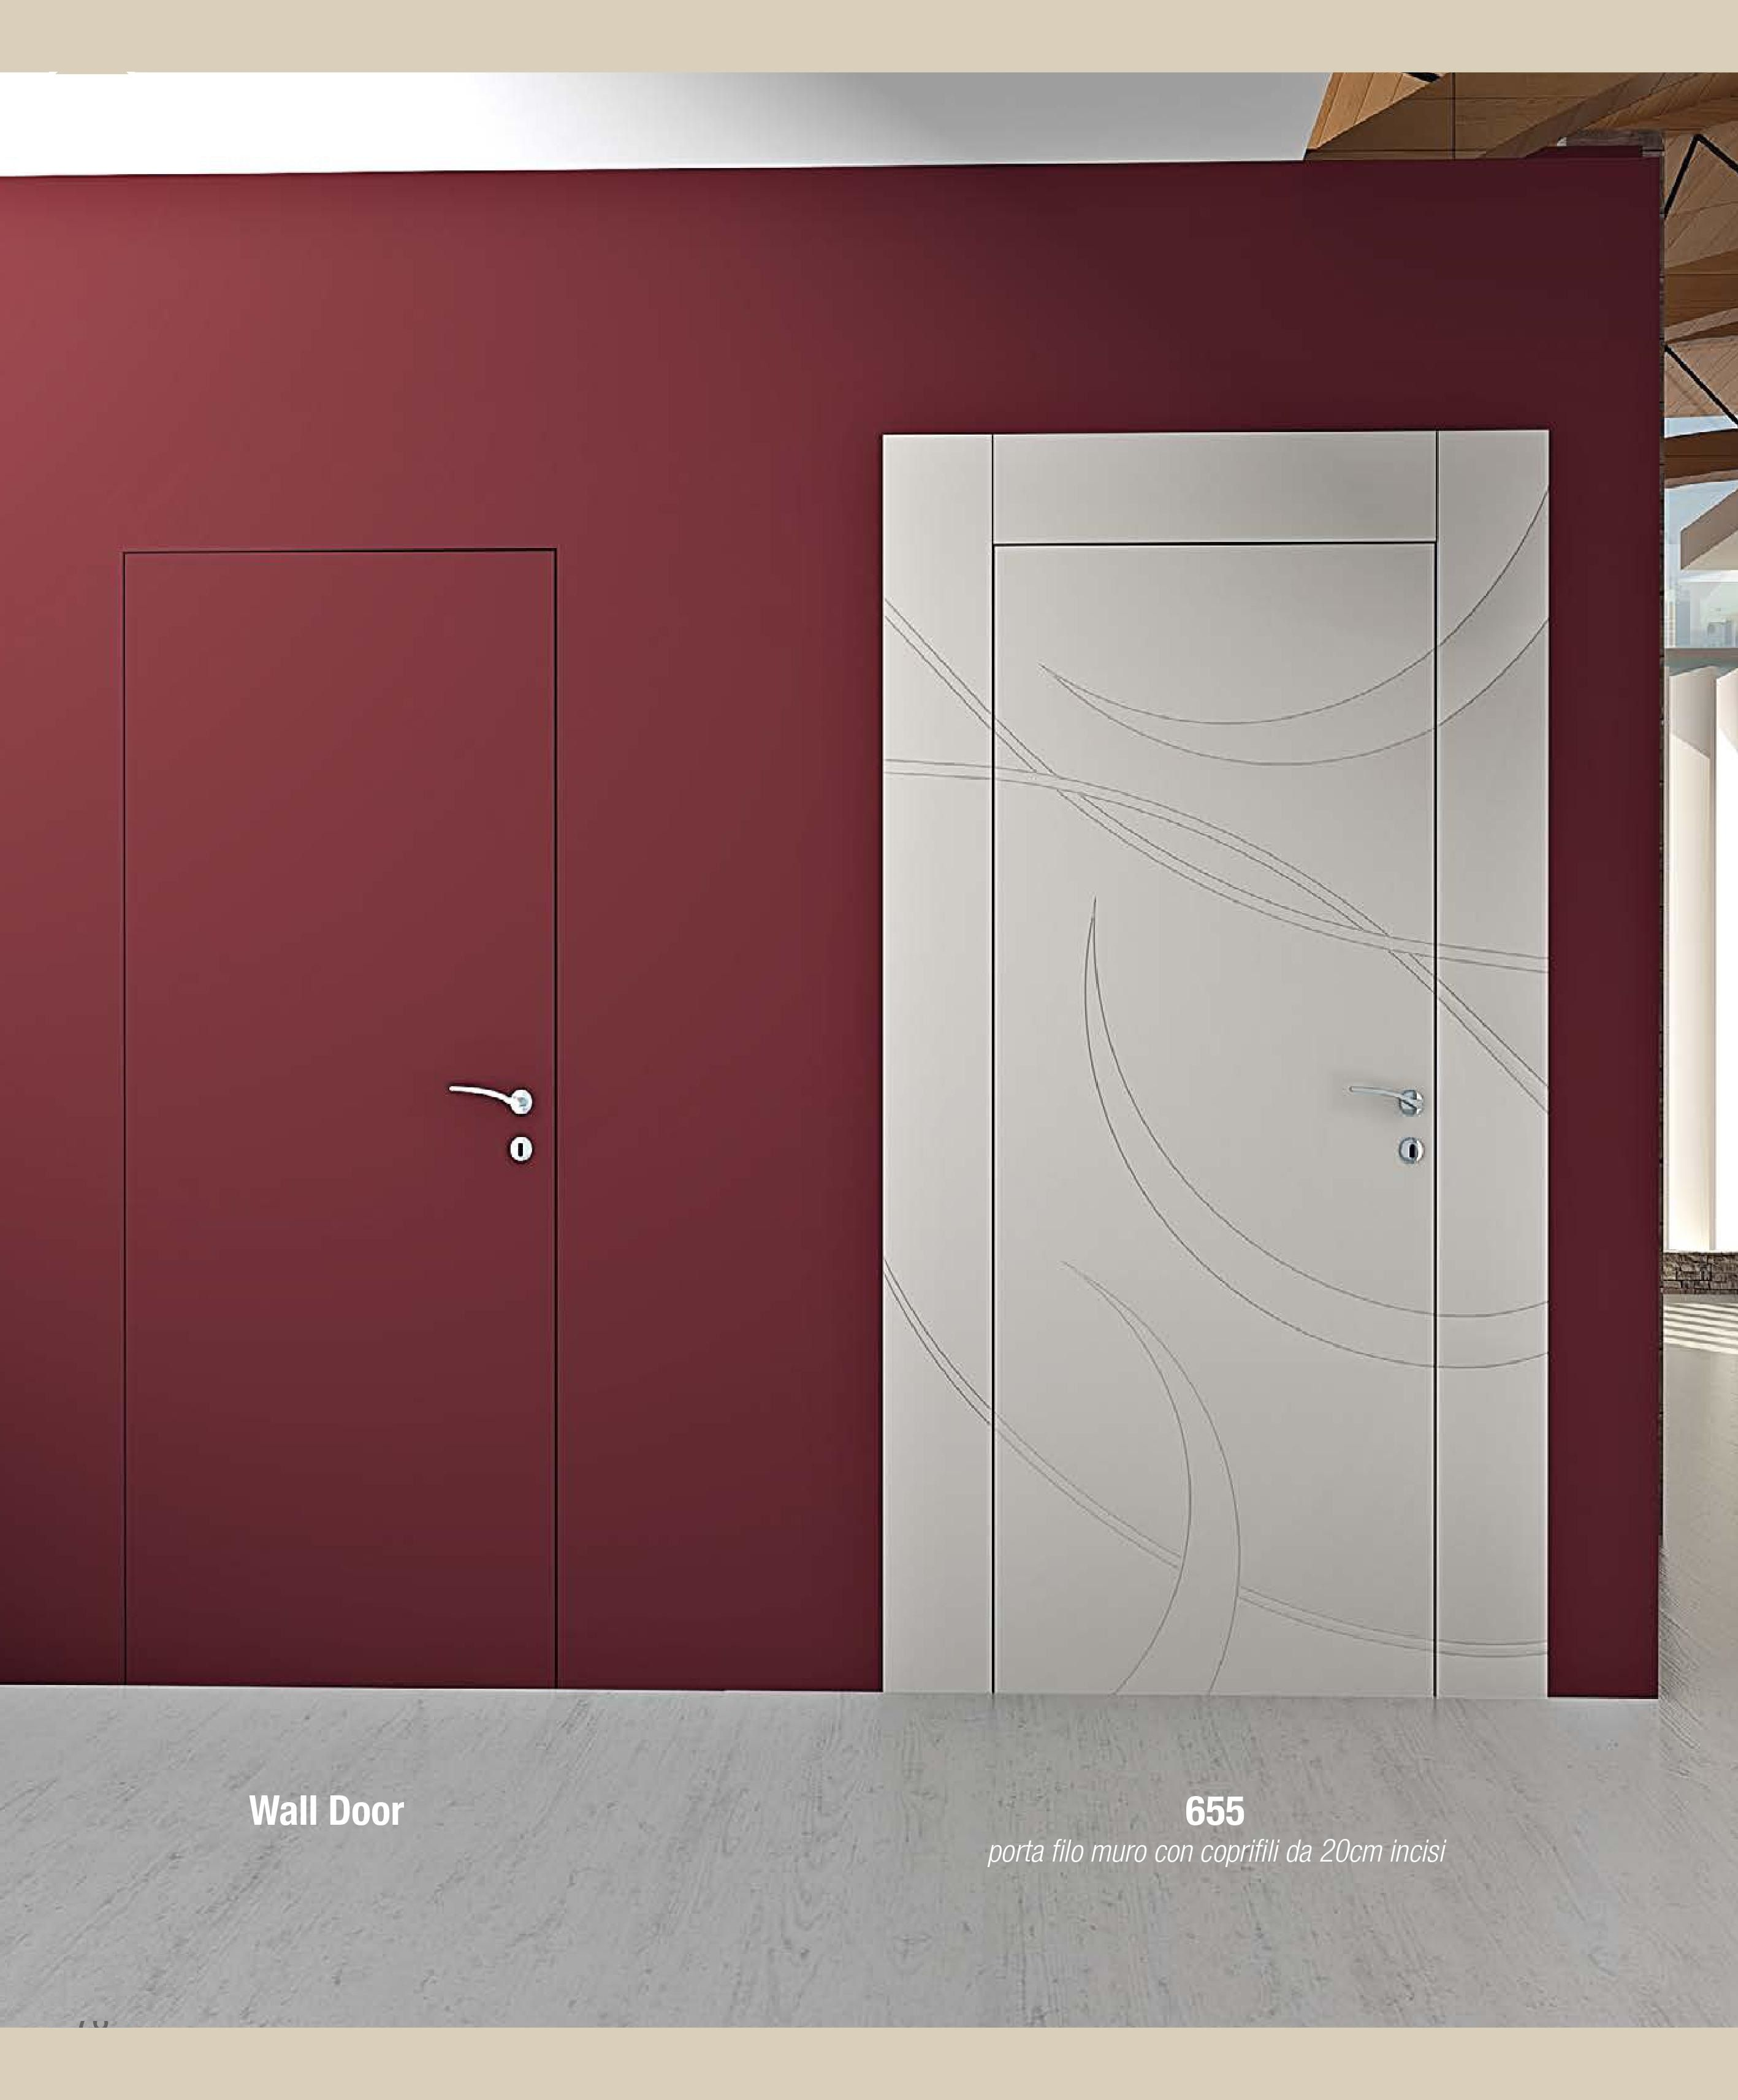 Porte Filo Muro Specchio porteinterne #porteinlegnomassello #portefilomuro #design